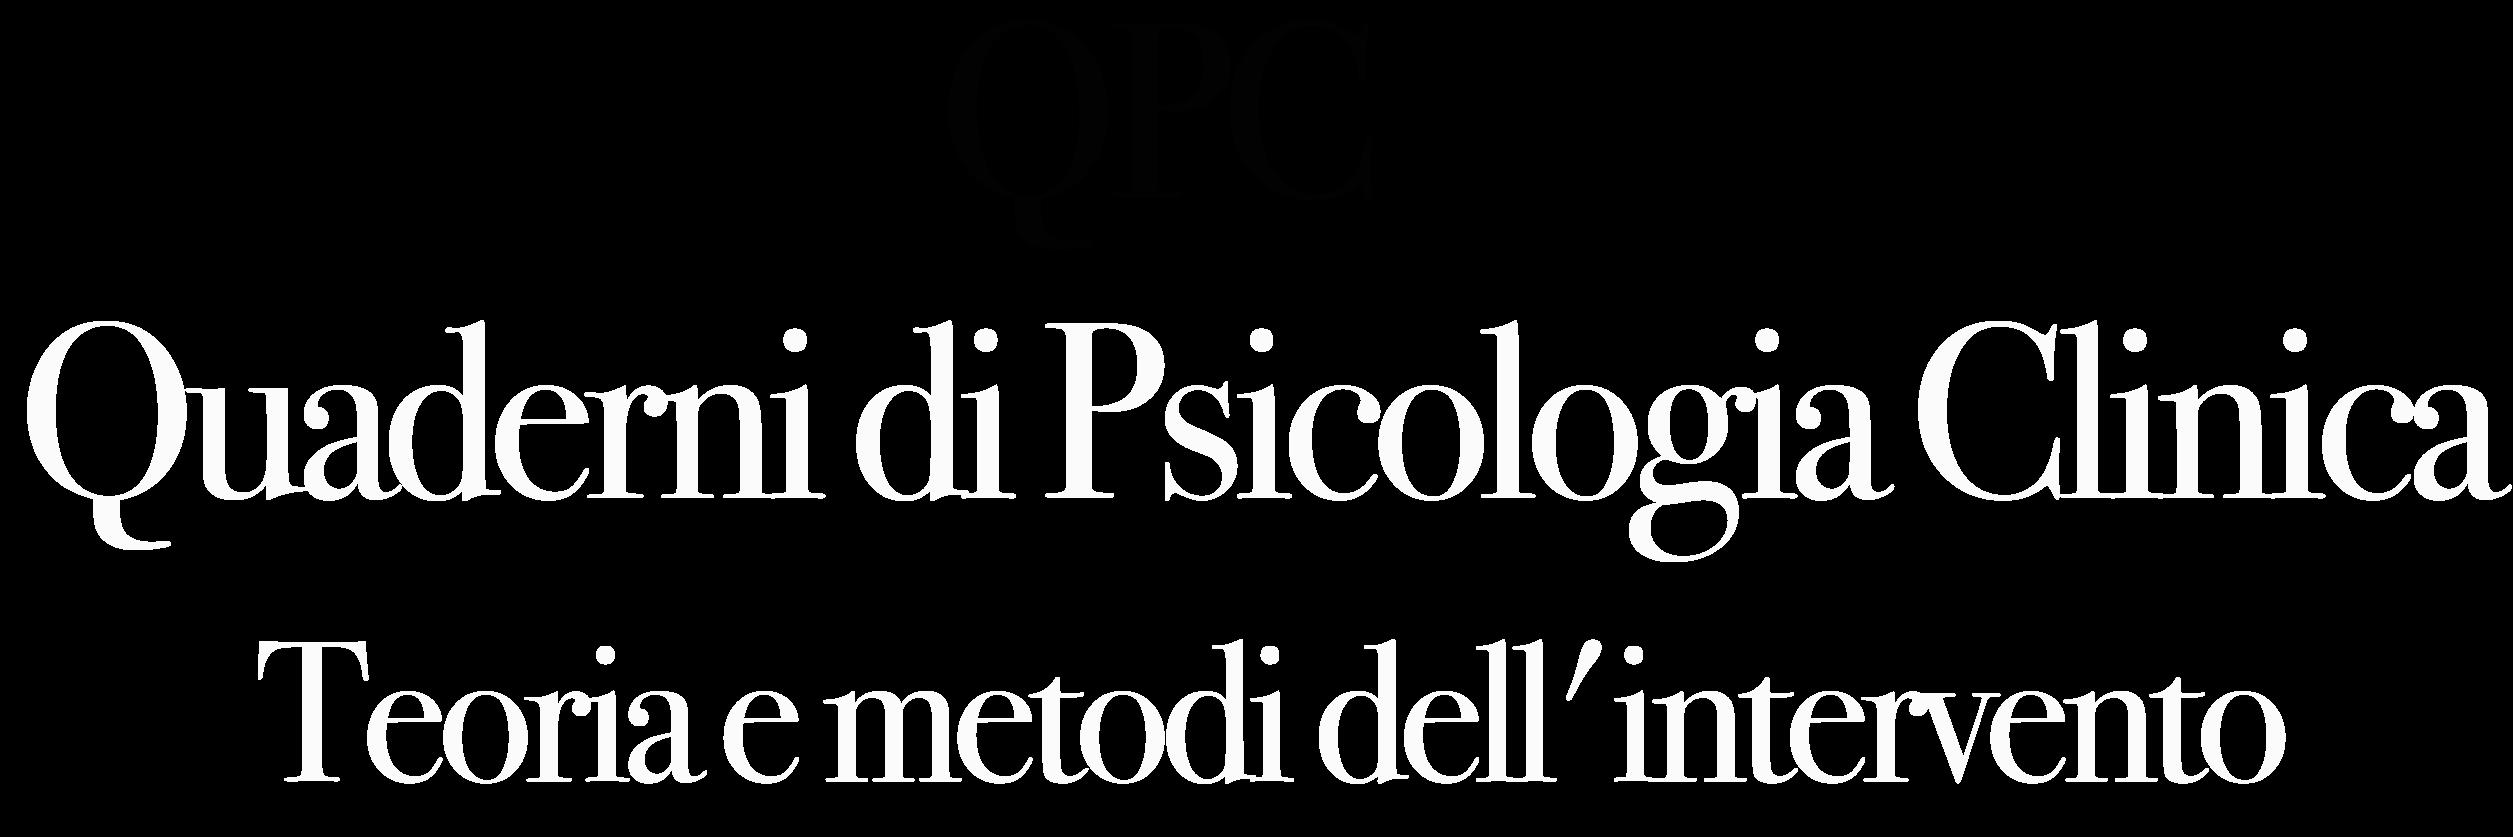 Quaderni di Psicologia Clinica